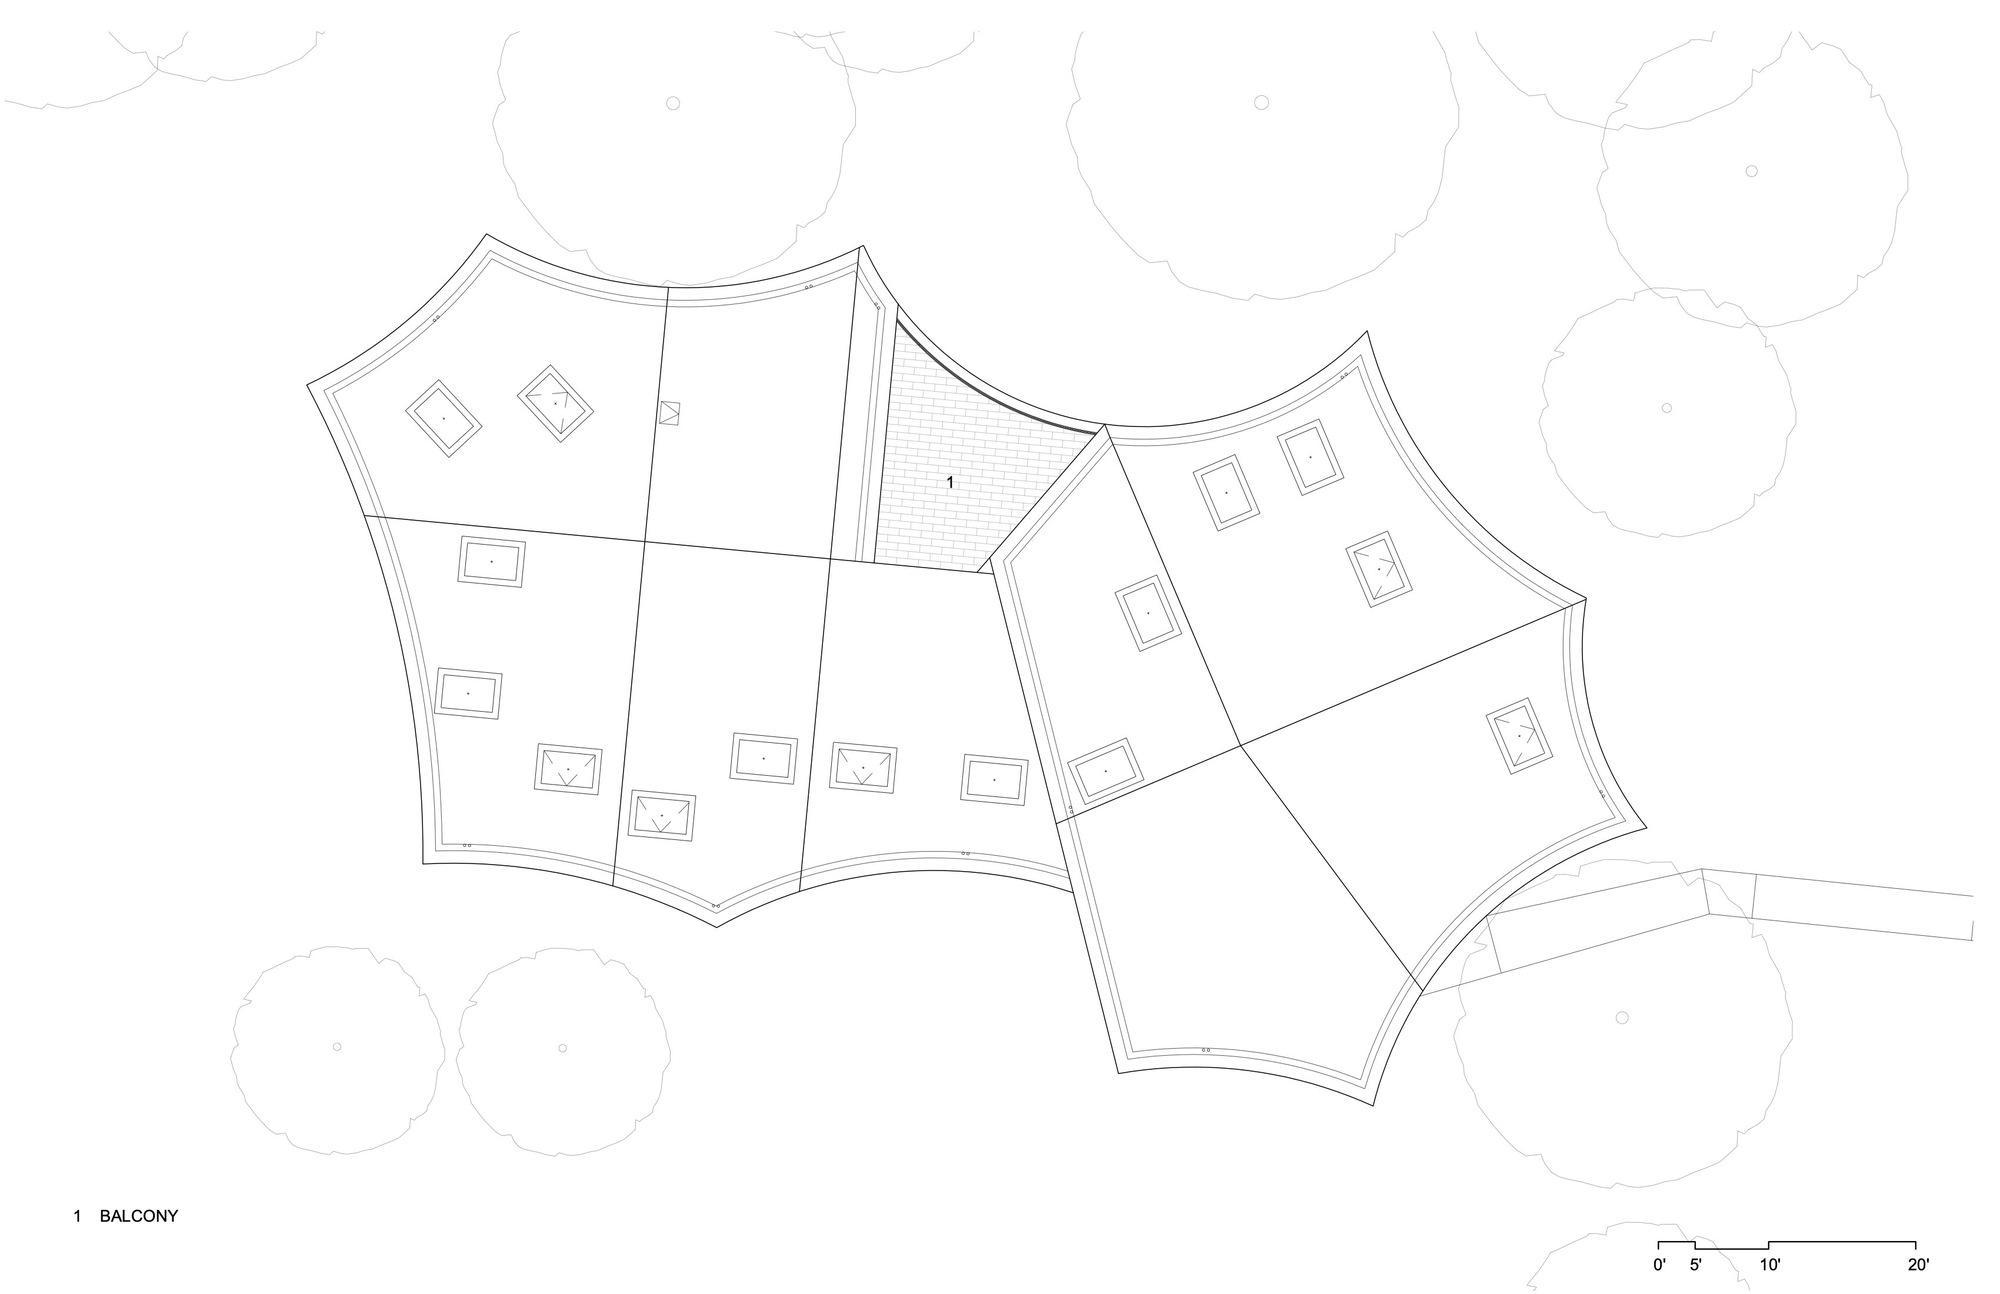 m6 _roof_plan_clean.jpg